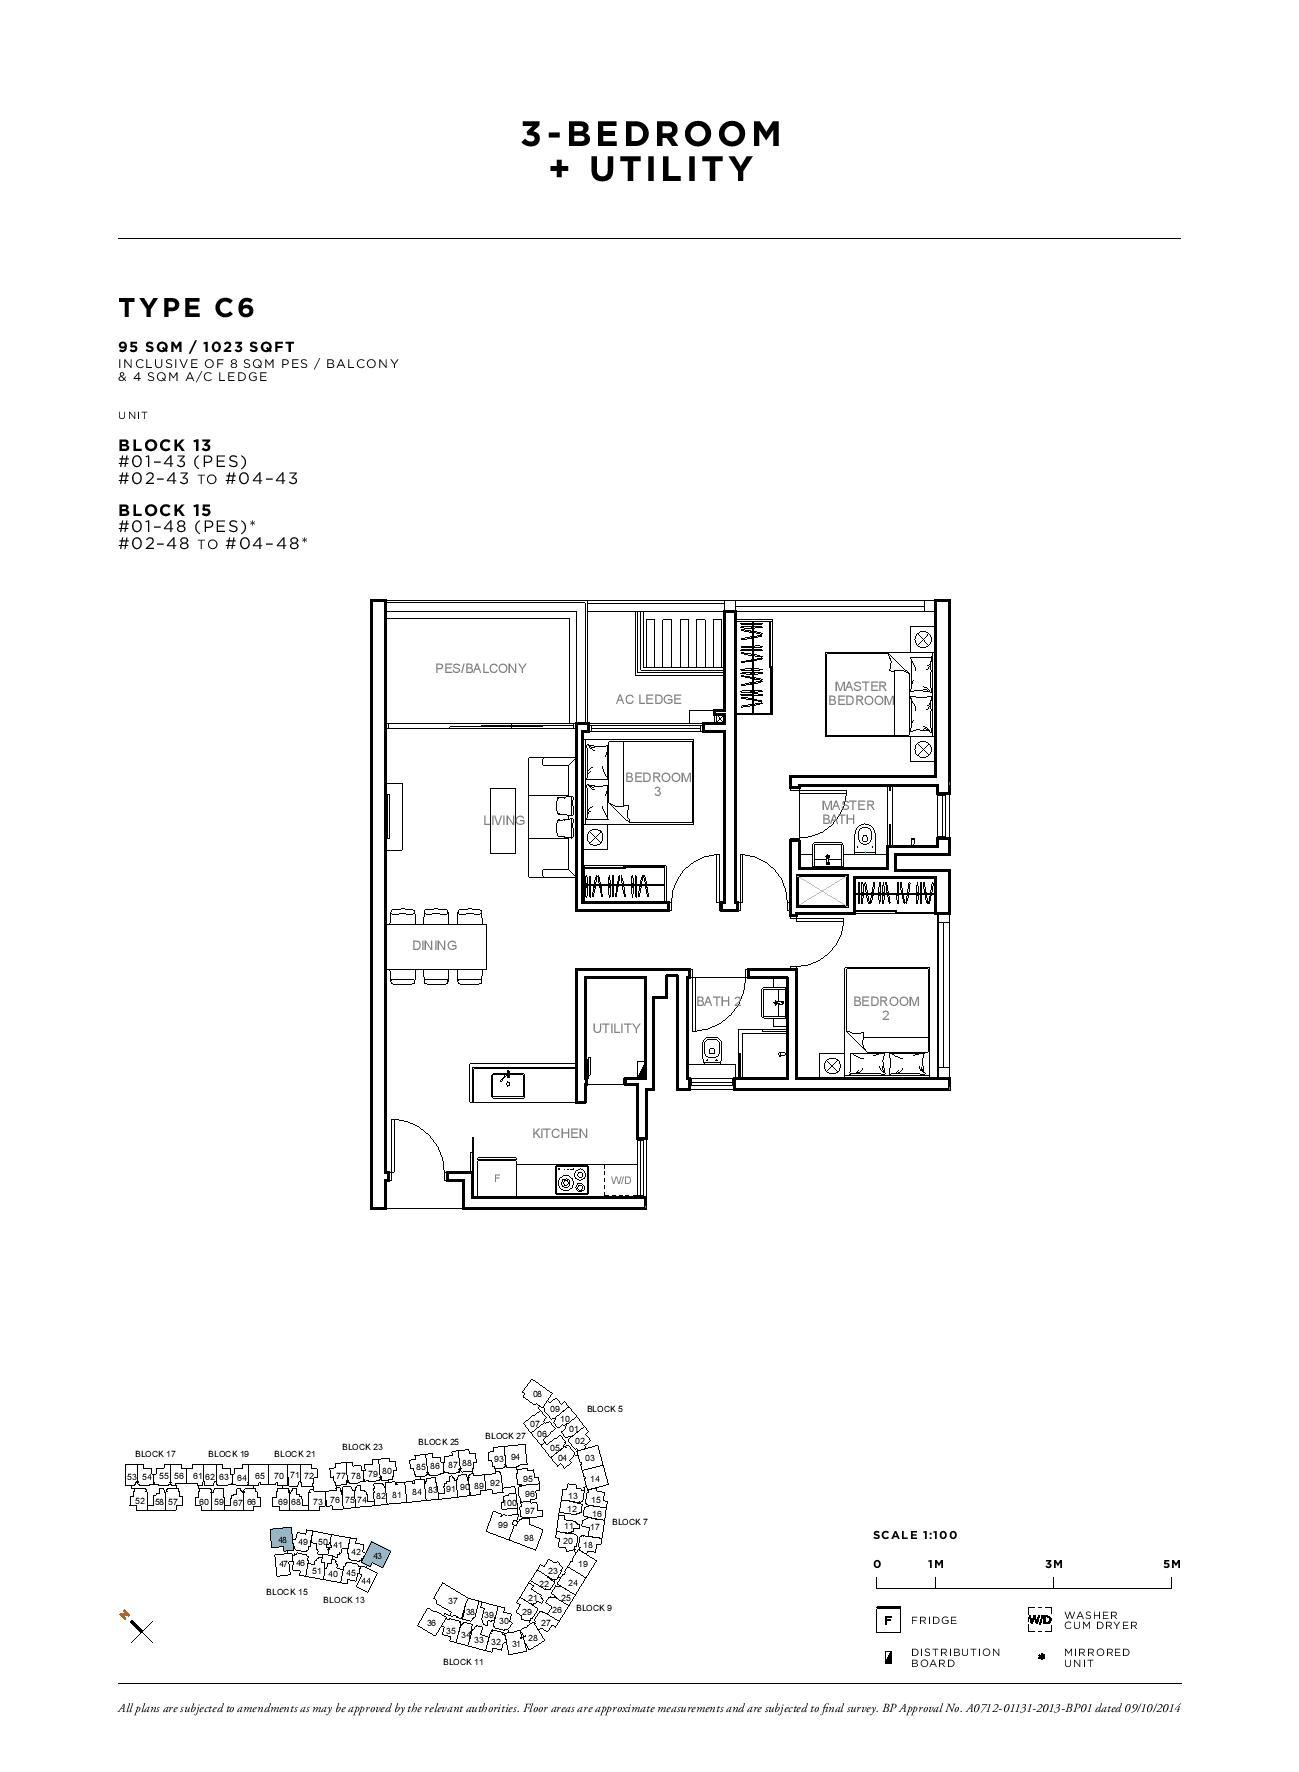 Sophia Hills 3 Bedroom + Utility Type C6 Floor Plans